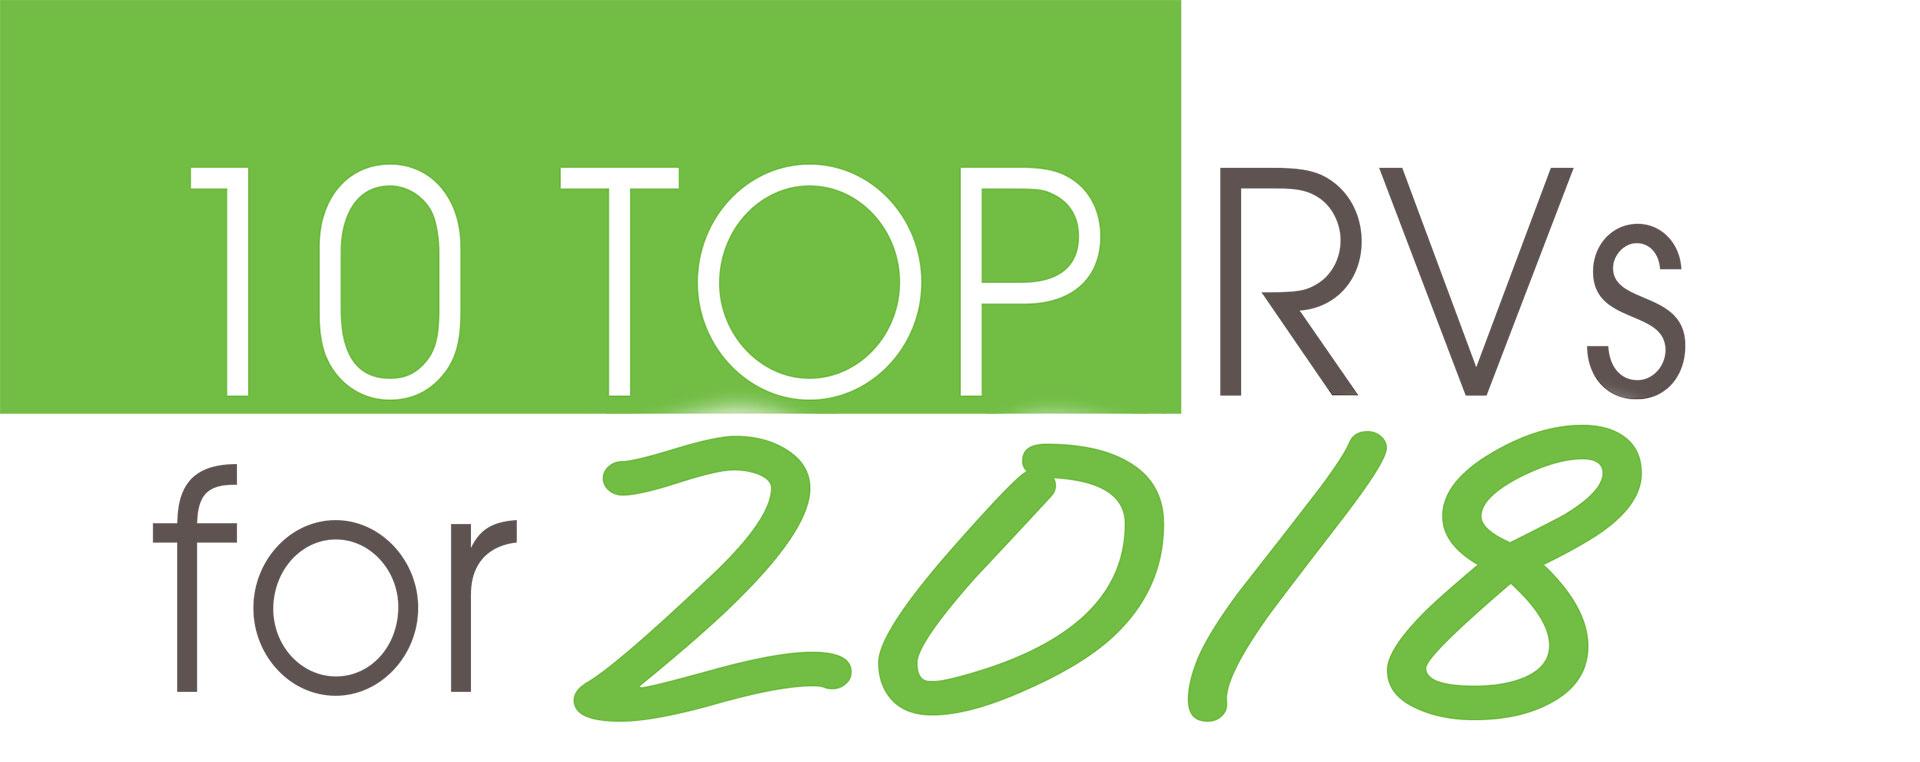 Ten Top RVs for 2018! - RV Lifestyle Magazine